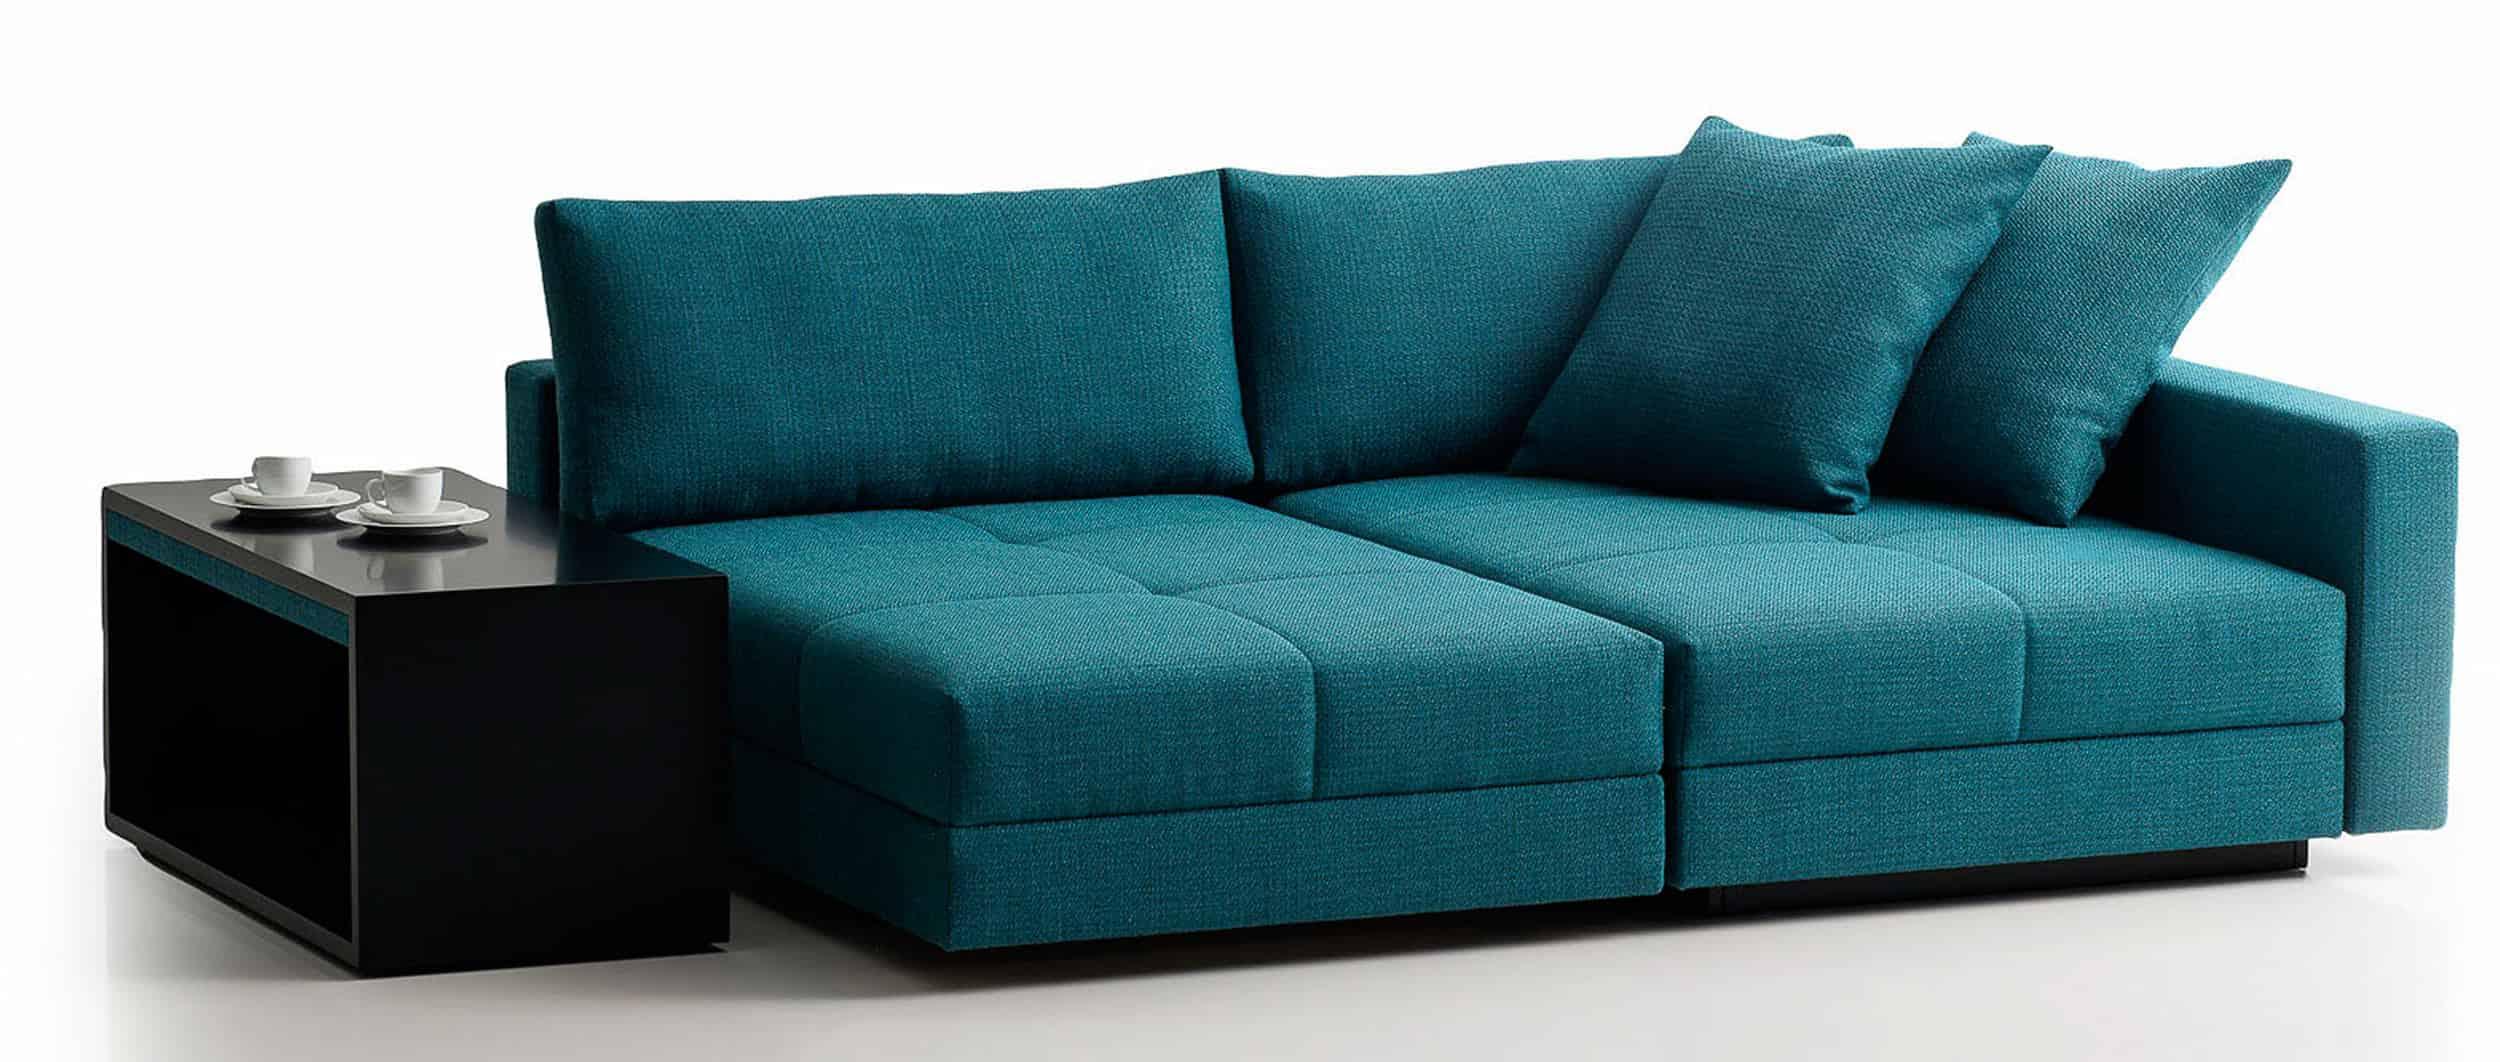 Ecksofa COCCO mit Bettfunktion von Franz Fertig . Schwenkbares Sitzelement. Beistelltisch mit rollen. Schlafsofa mit Bettkasten. Ecksofa mit Bettfunktion